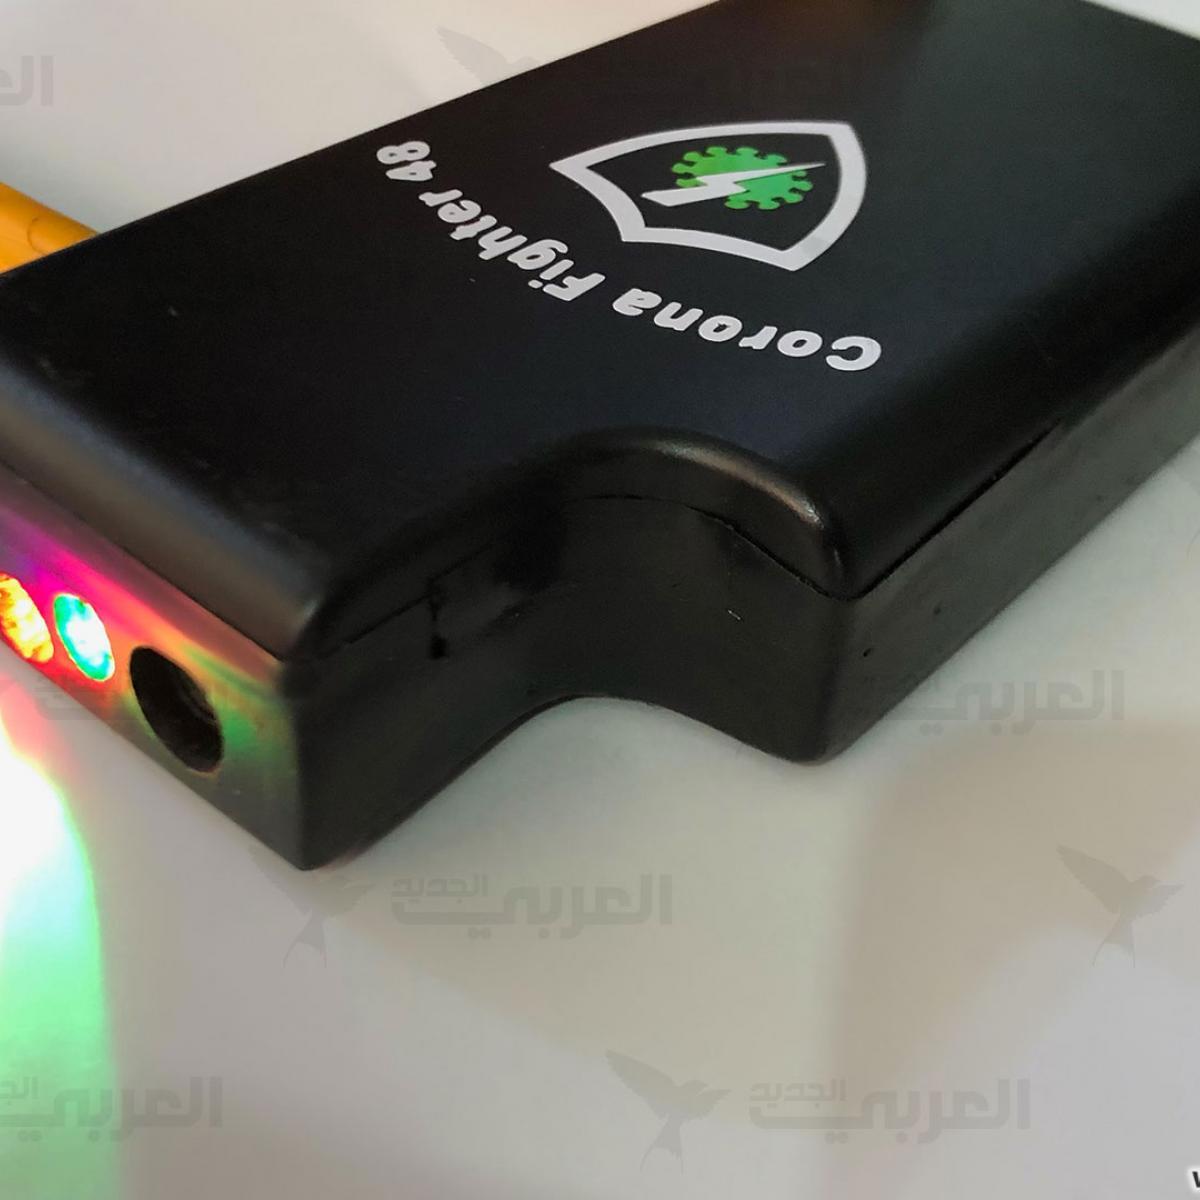 لاجئ فلسطيني في لبنان يخترع جهاز تعقيم مرتبطاً بالهاتف النقال